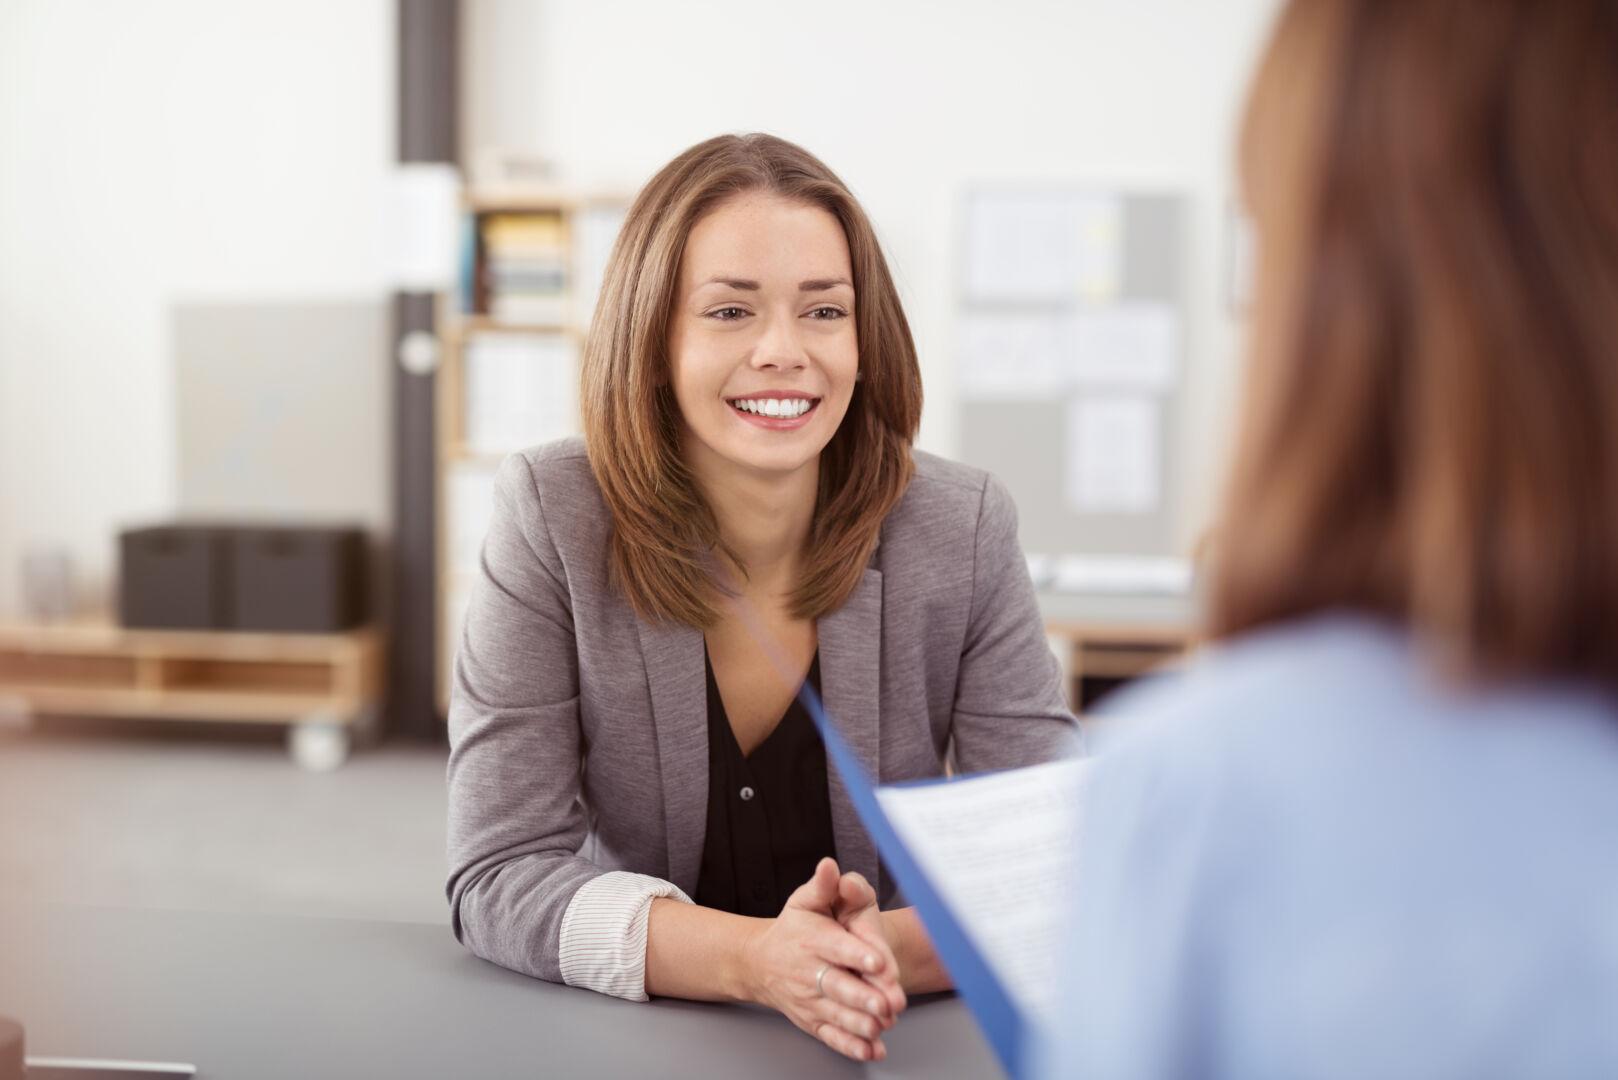 Comment préparer un entretien d'embauche ? Les conseils de Hugo Bolzinger, fondateur du Recruteur Immobilier